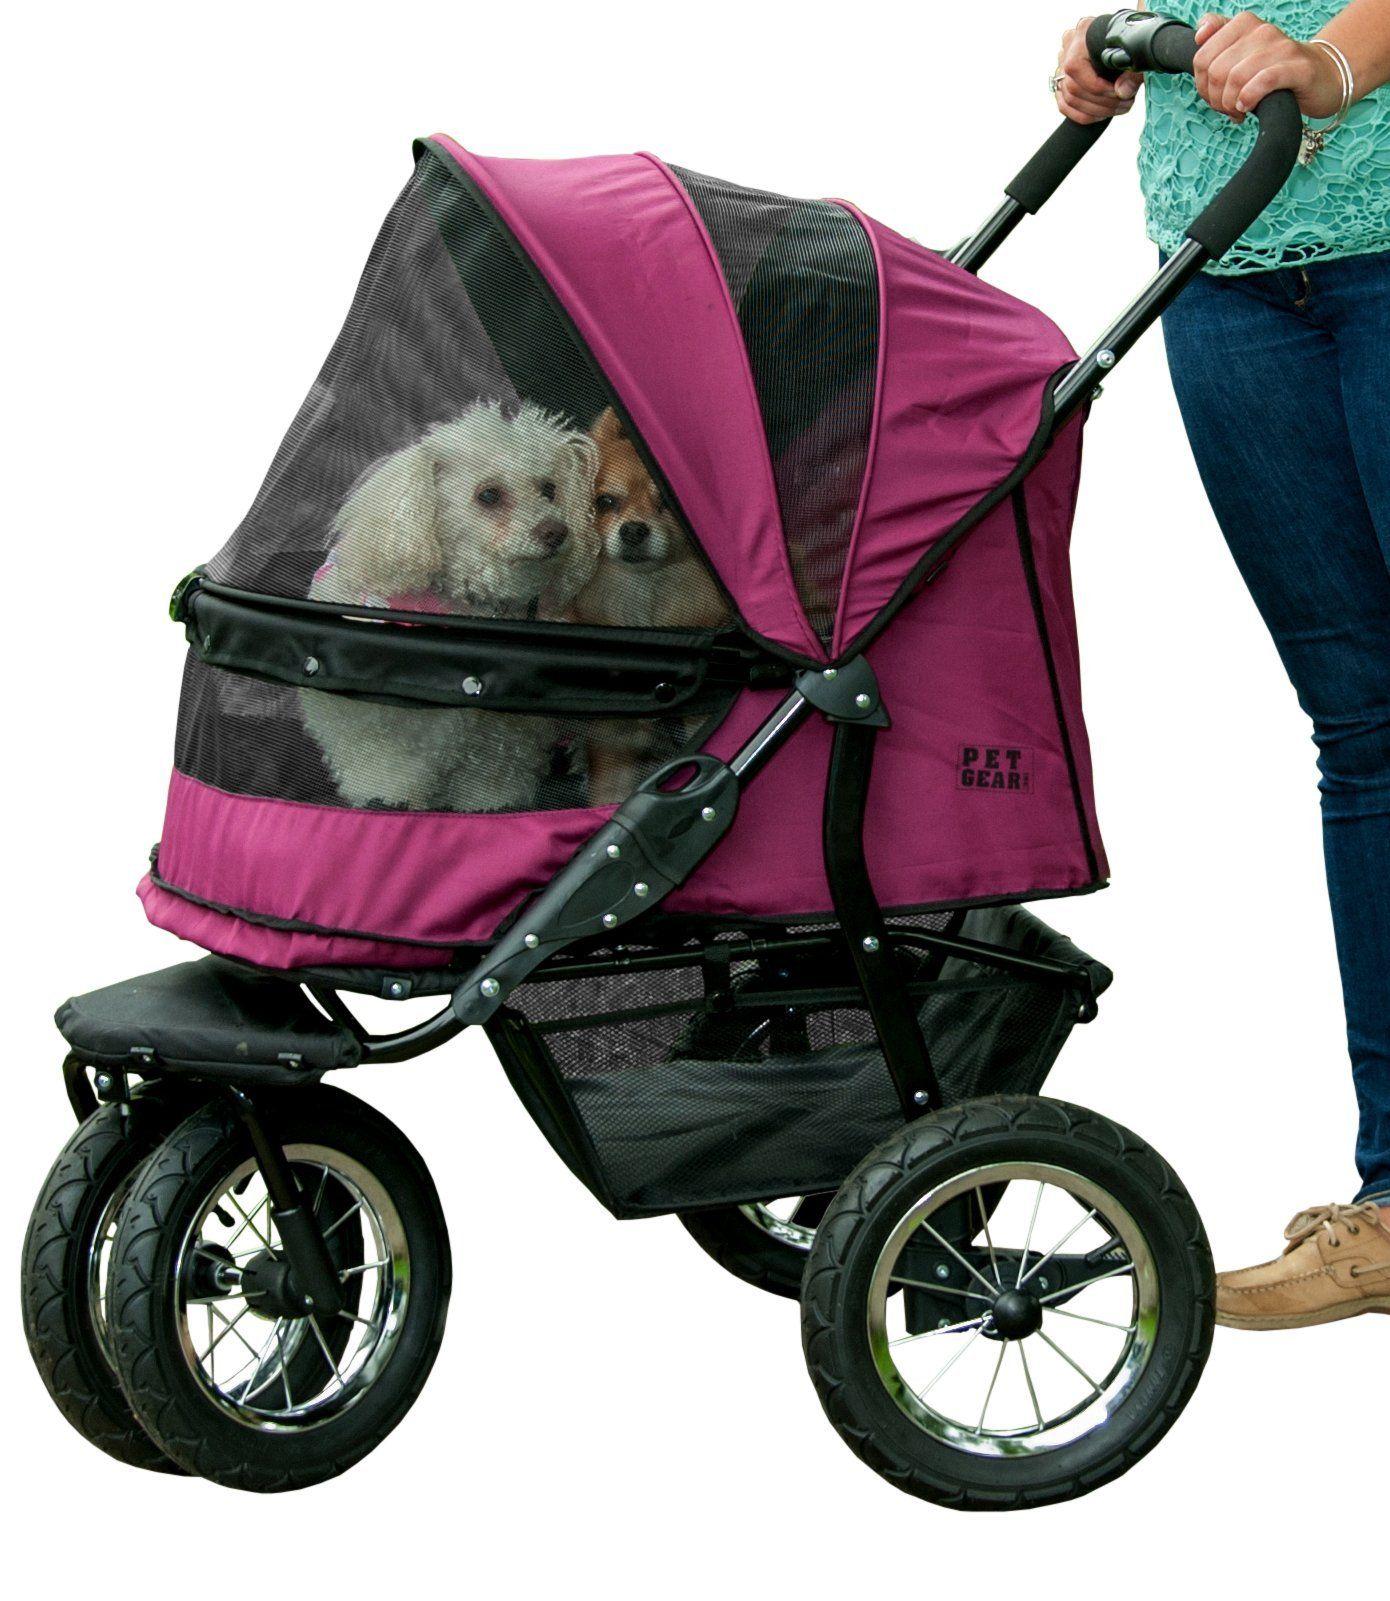 Pet Gear NOZip Double Pet Stroller Zipperless Entry for